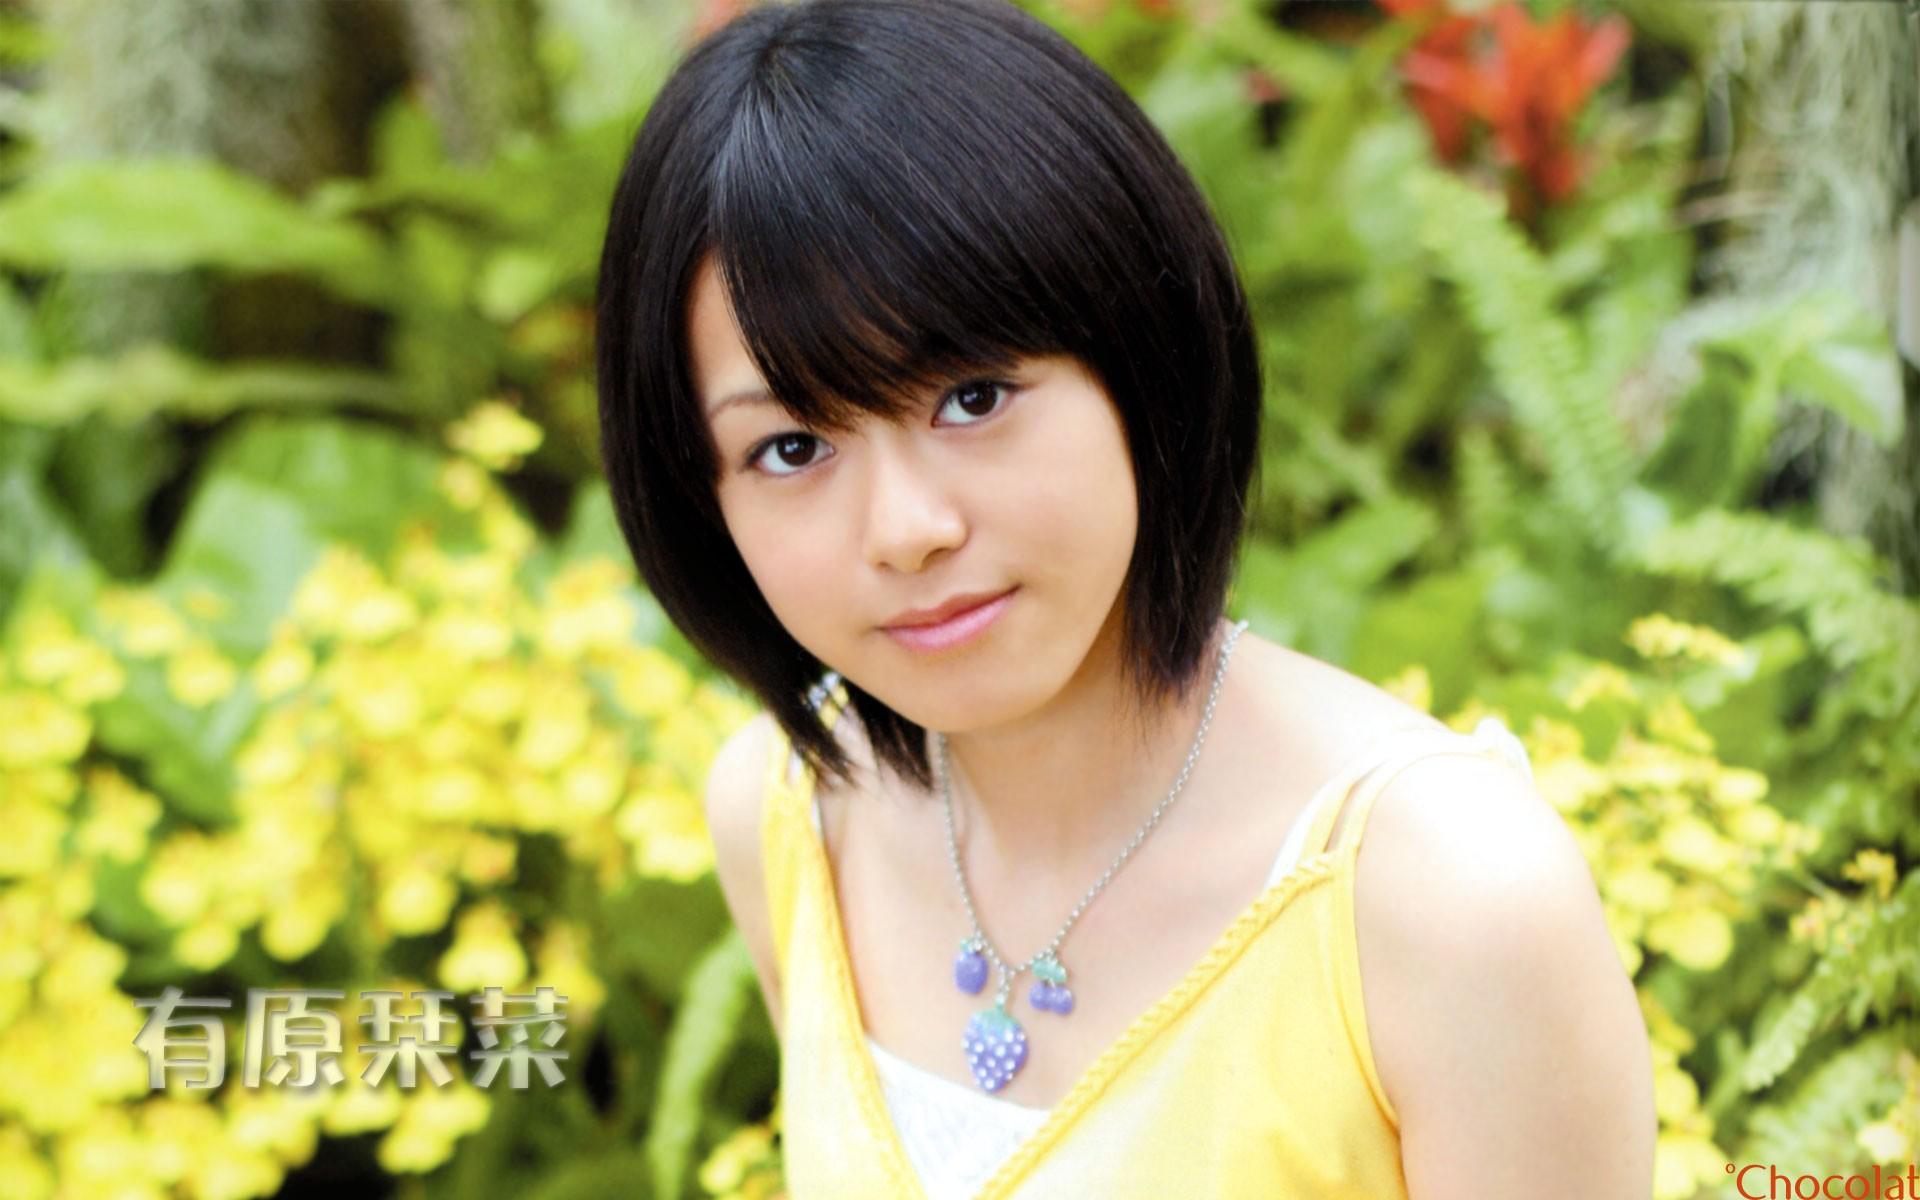 日本美少女組合Cute寫真 #9 - 1920x1200 壁紙下載 - 日本美少女組合Cute寫真 - 人物 壁紙 - V3壁紙站